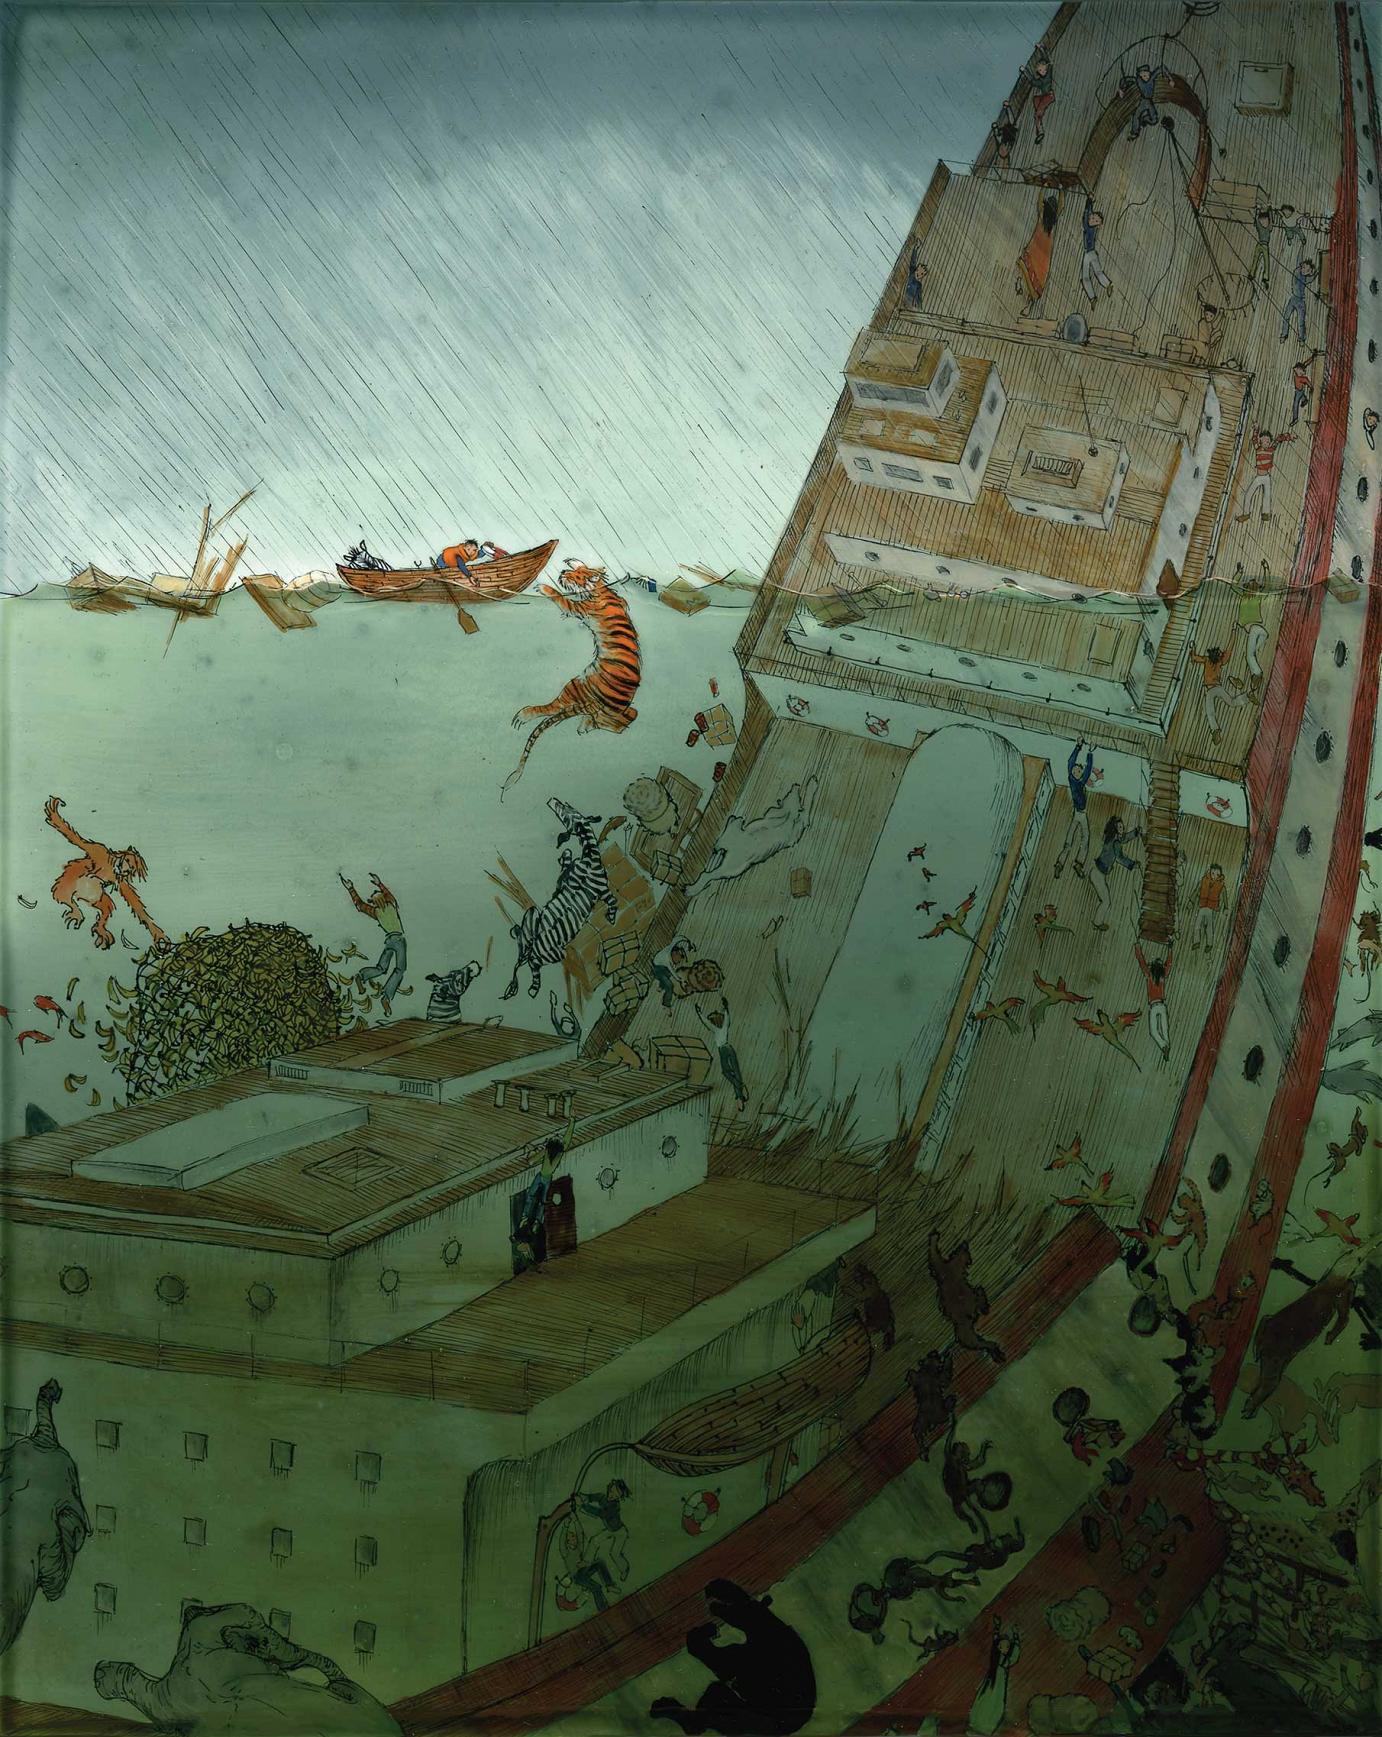 Andrea Offermann »The Ship Sank« Tusche/Finelinerzeichnung auf Clayboard mit Öllasuren ca. 20,3 cm x 25,4 cm